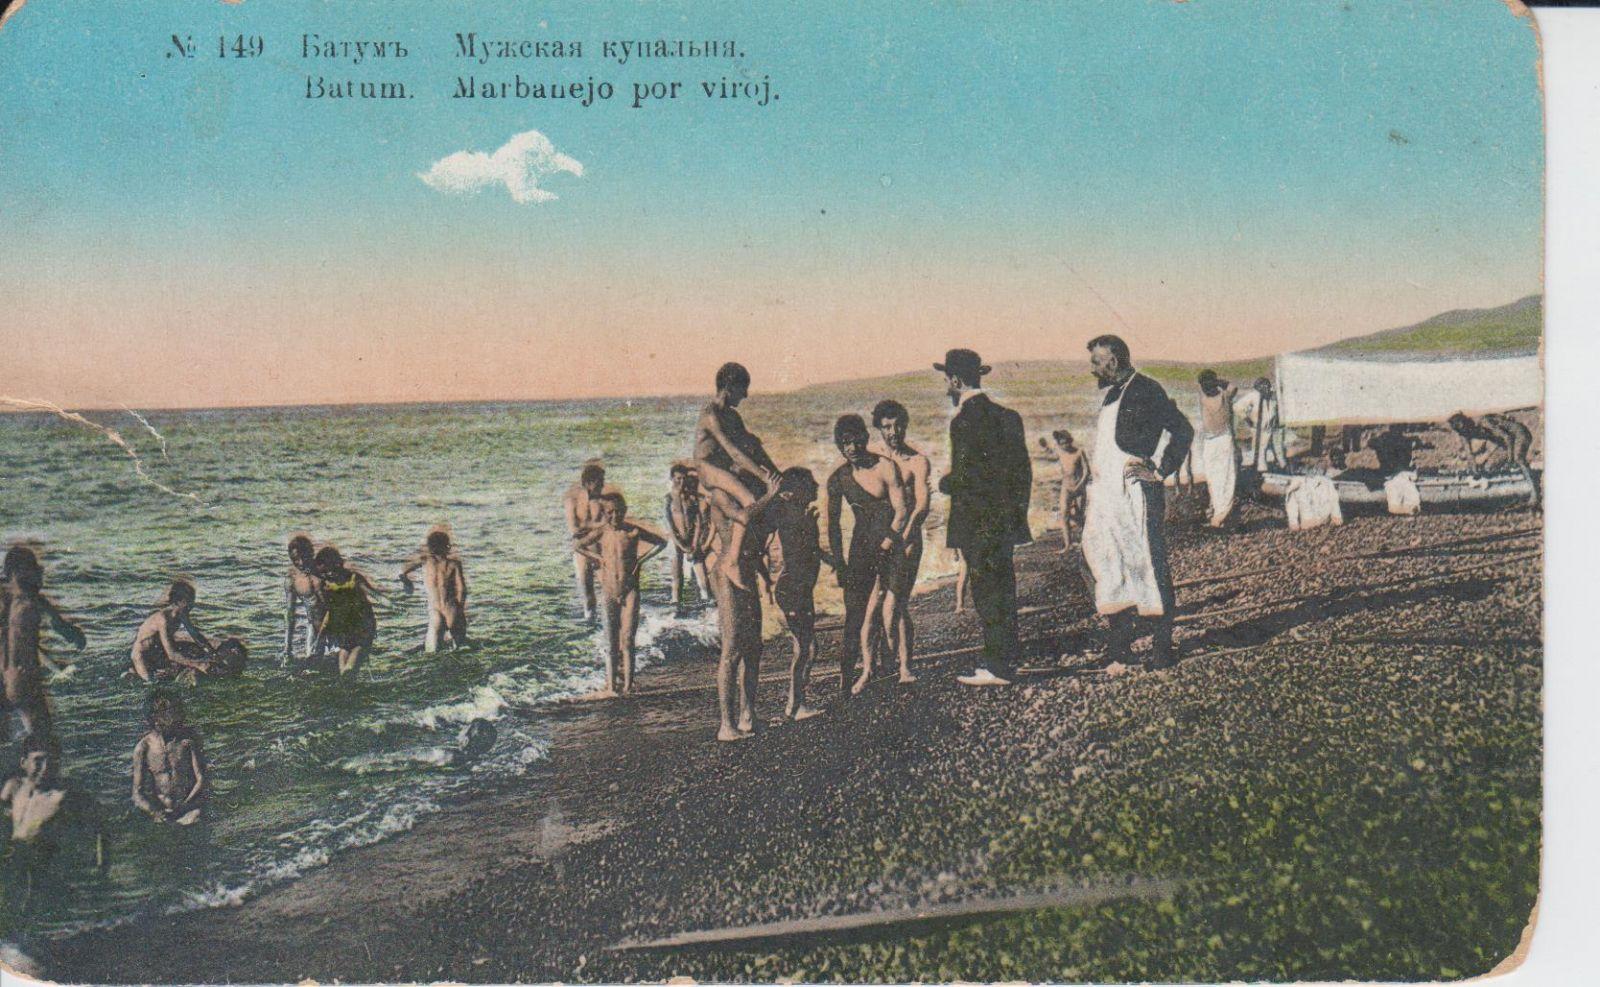 Батумъ.Мужская купальня (эту открытку купил в начале 60-х годов у букинистов в Москве).